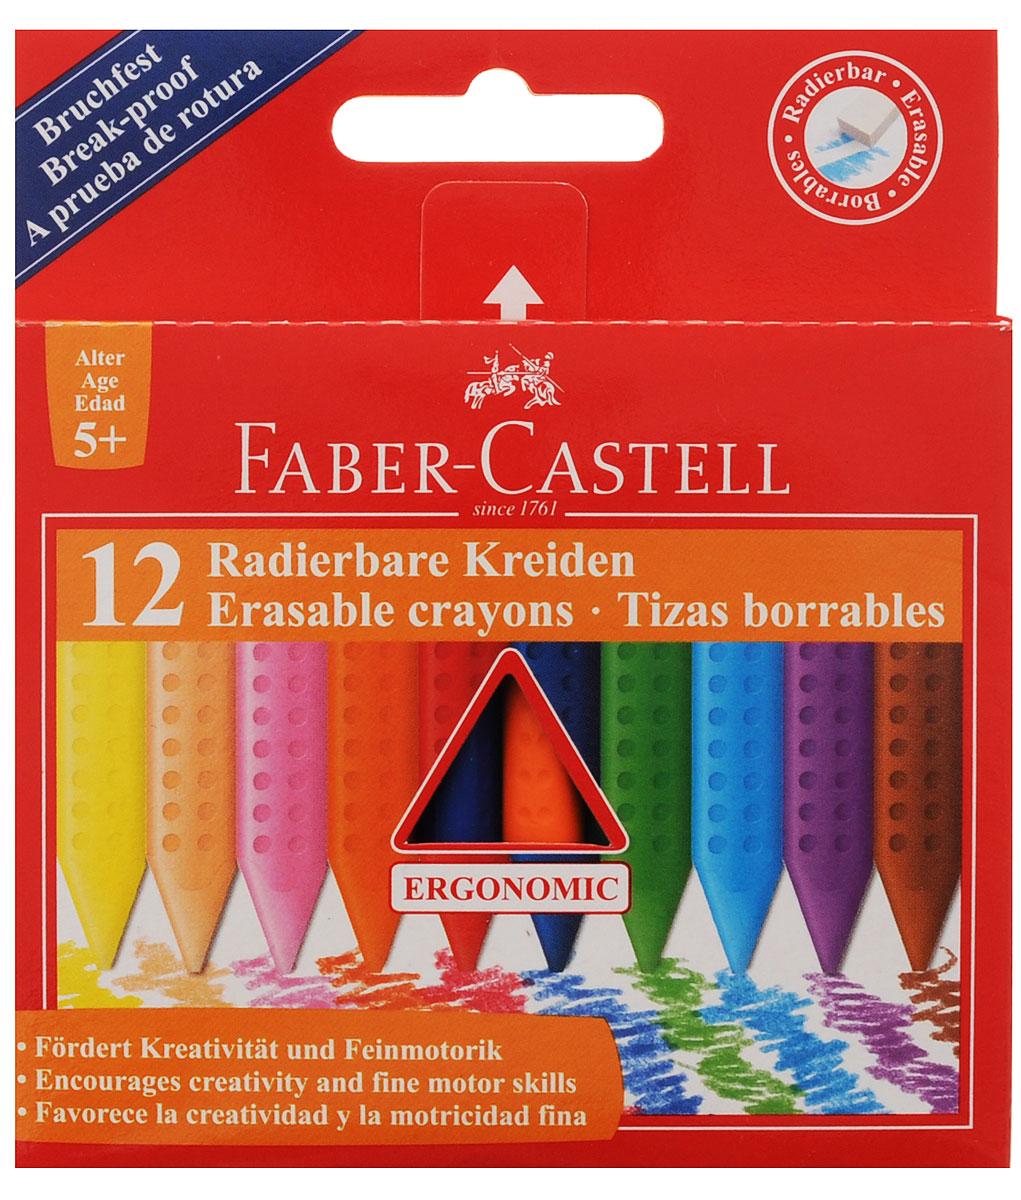 Faber-Castell Восковые мелки Radierbare Kreiden стирающиеся 12 цветов122520Восковые мелки Faber-Castell Radierbare Kreiden предназначены для рисования на картоне и бумаге. Утолщенный трехгранный корпус особенно удобен для детской руки. Мелки обеспечивают удивительно мягкое письмо, обладают отличными кроющими свойствами. Их можно затачивать и стирать как карандаш. Мелки не пачкаются, что позволит сохранить руки чистыми. В набор входят восковые мелки 12 ярких классических цветов.